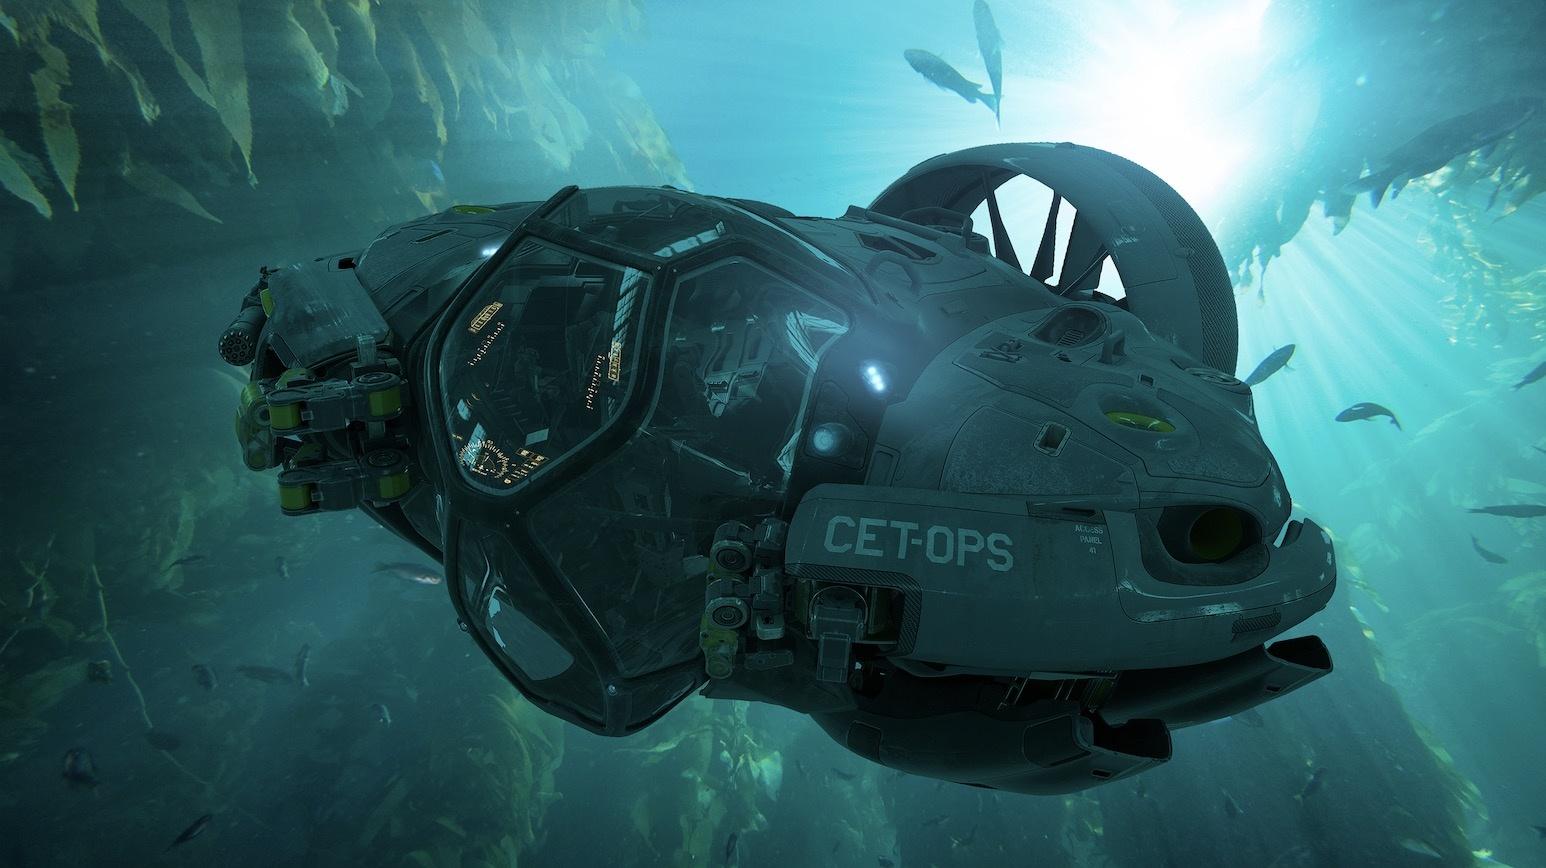 《阿凡达》续集暴露概念图震惊巨型水下机器